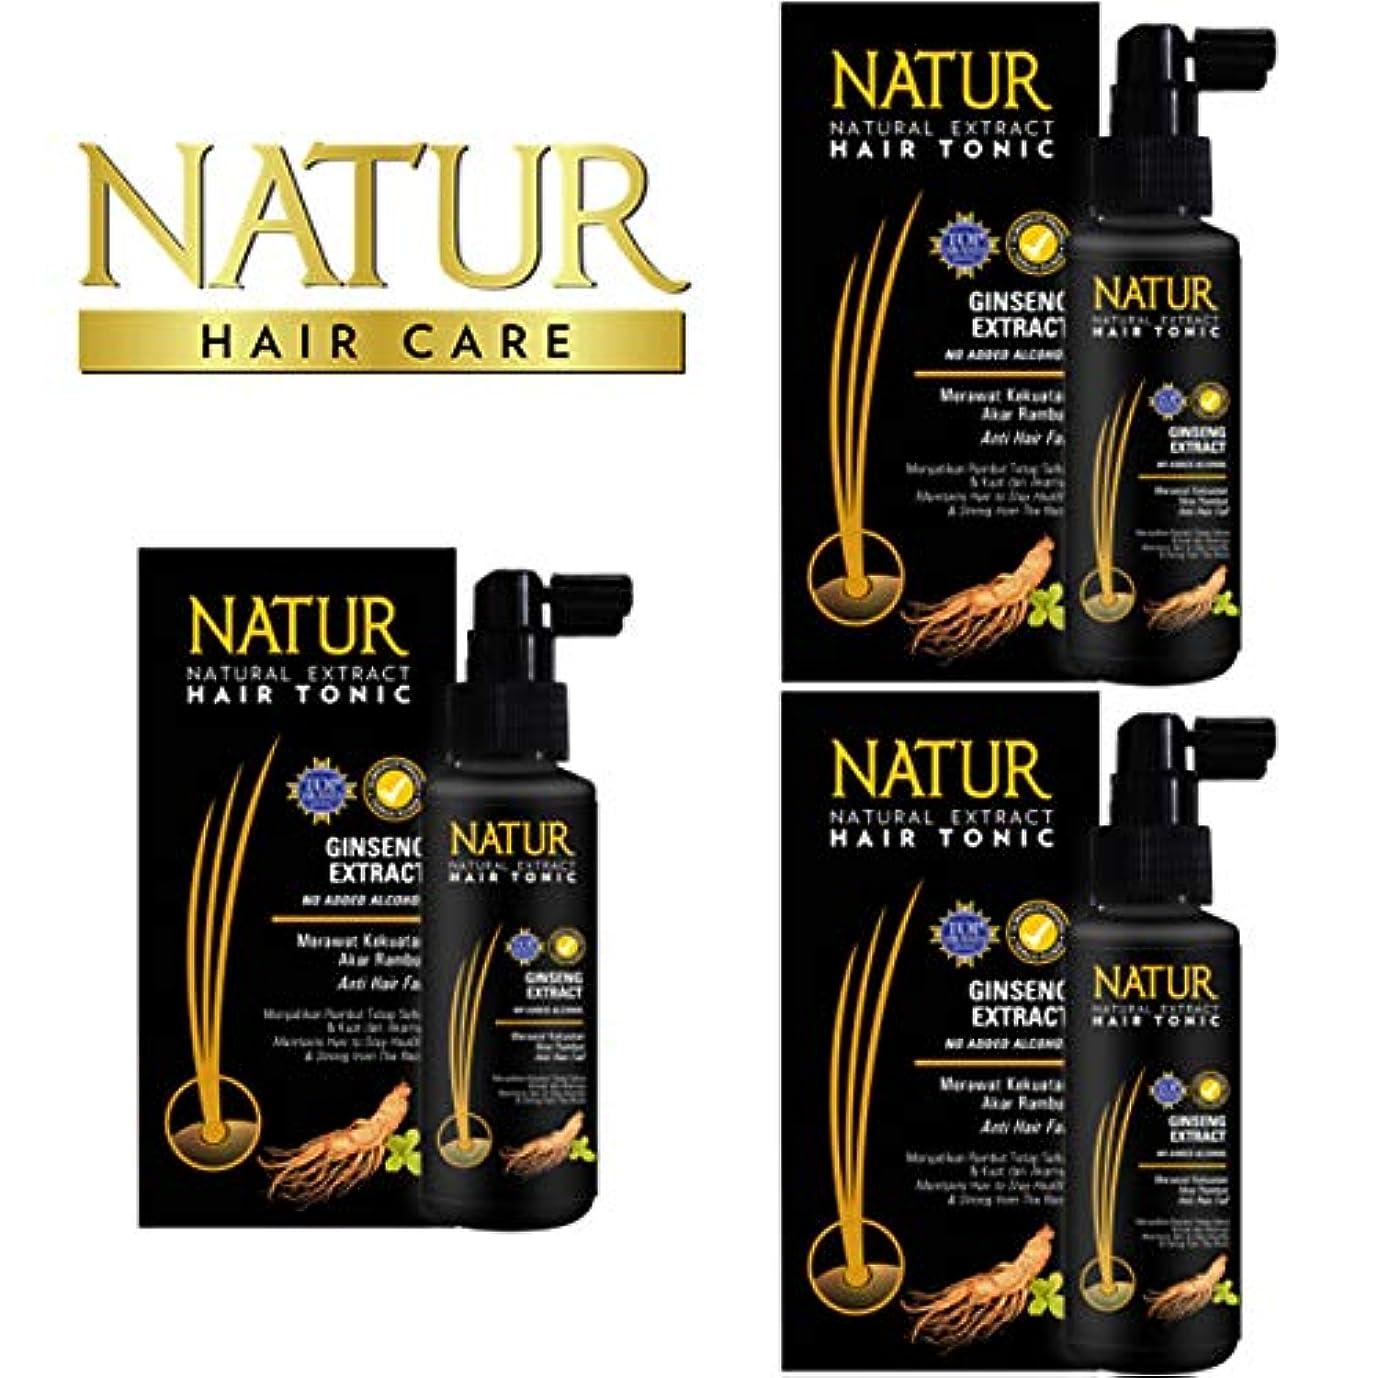 落ち着かない伝導率動的NATUR ナトゥール 天然植物エキス配合 Hair Tonic ハーバルヘアトニック 90ml×3個セット Ginseng ジンセン [海外直商品]